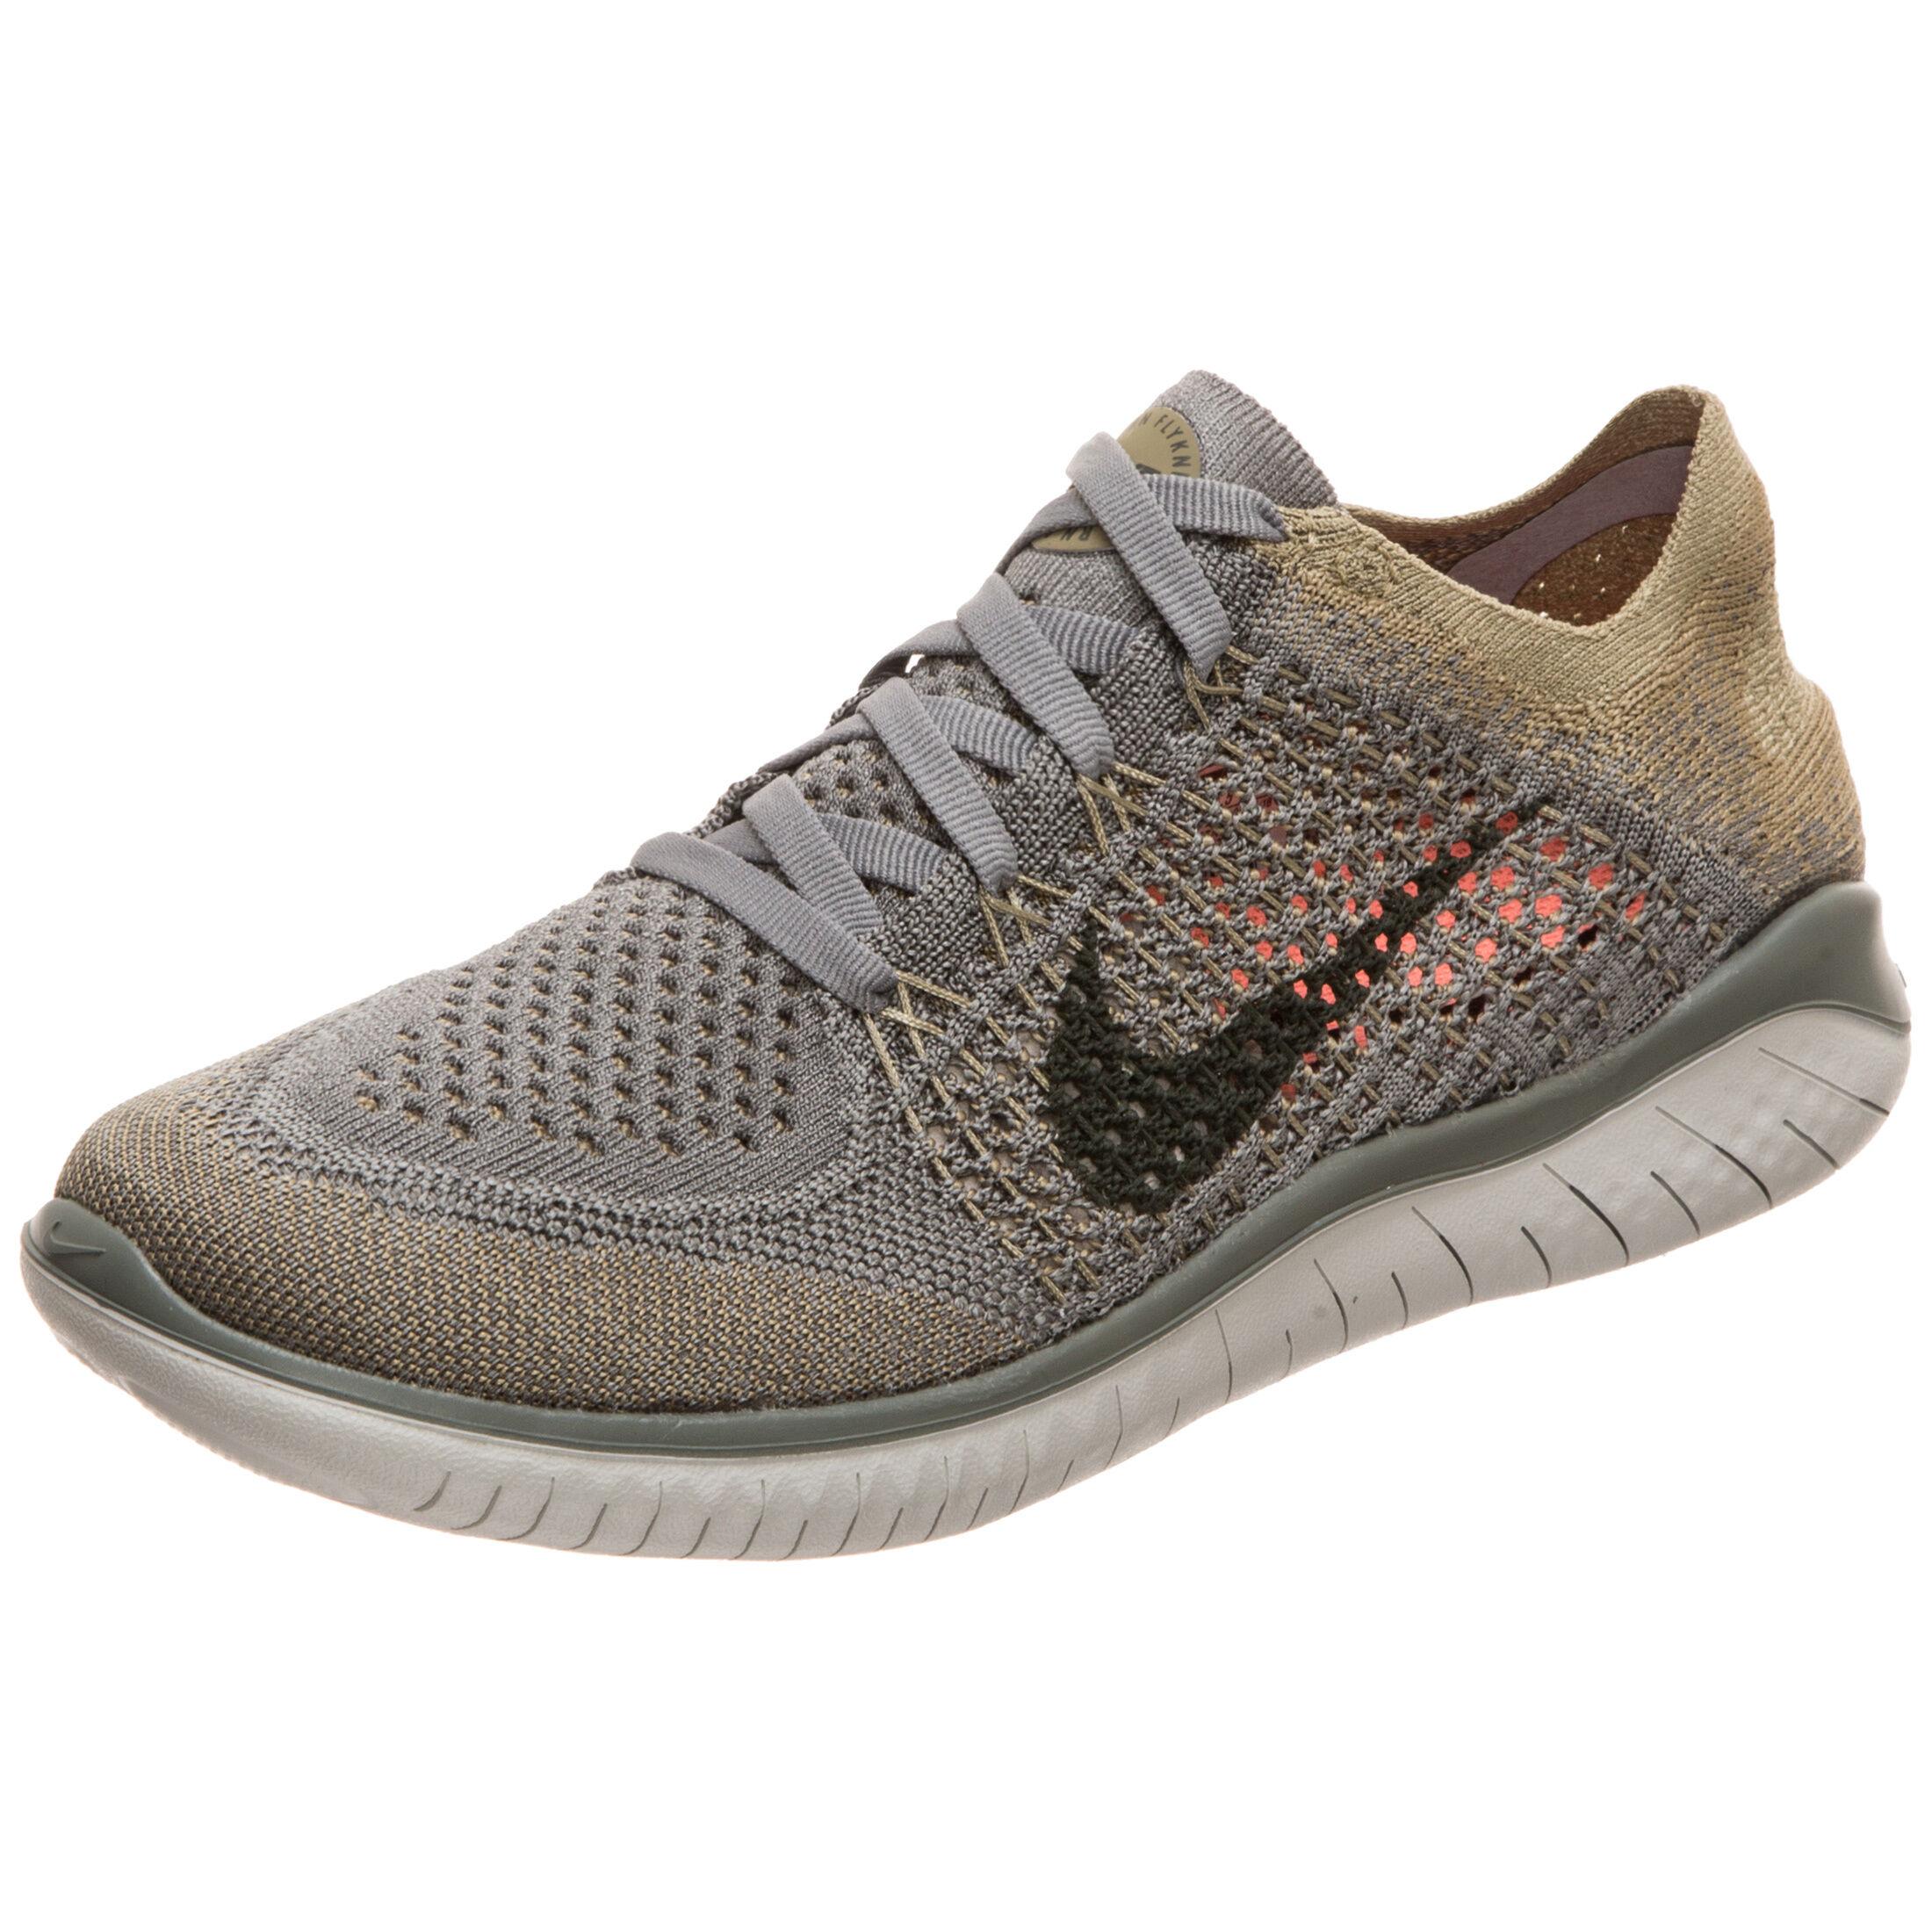 kaufenLaufschuhe Natural OUTFITTER bei Running Schuhe srxQBthodC